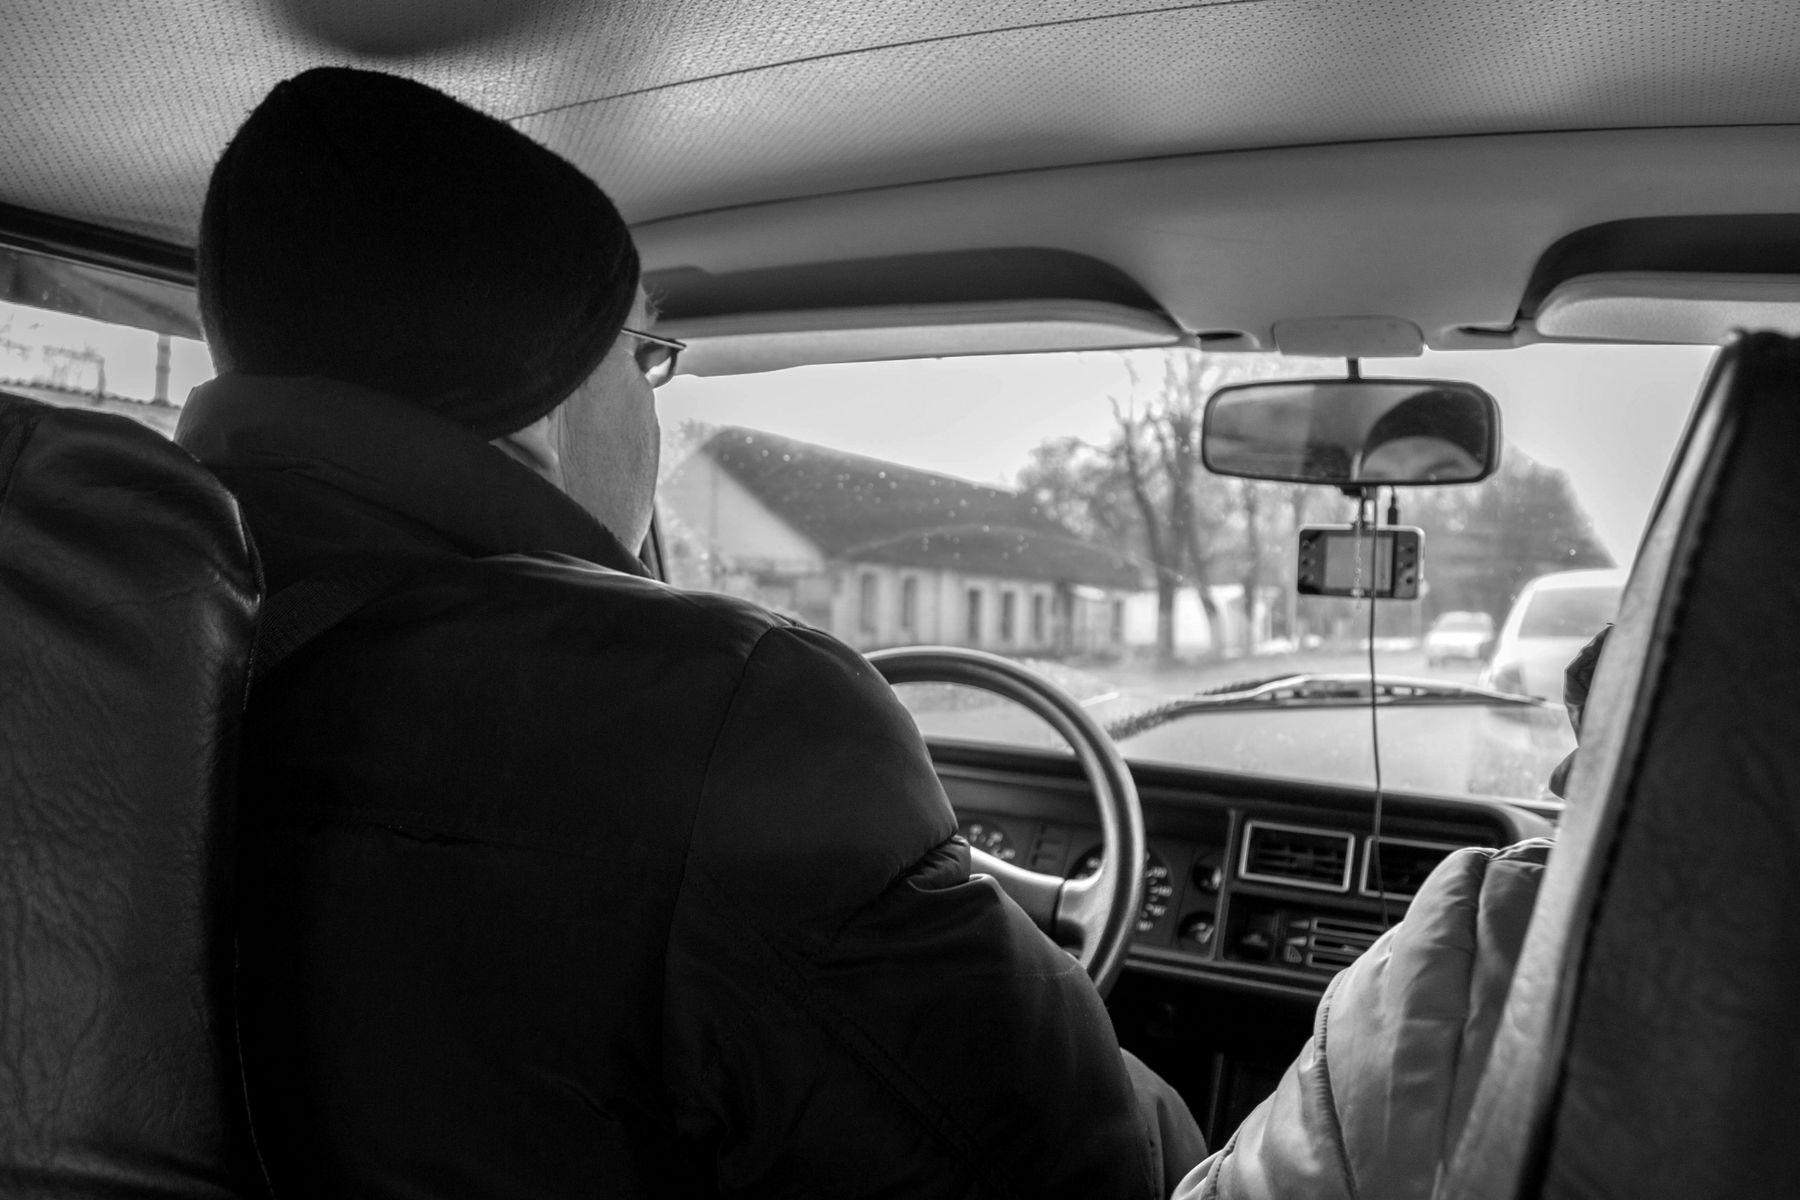 Шофер авто шофёр чб монохром водитель черно-белое